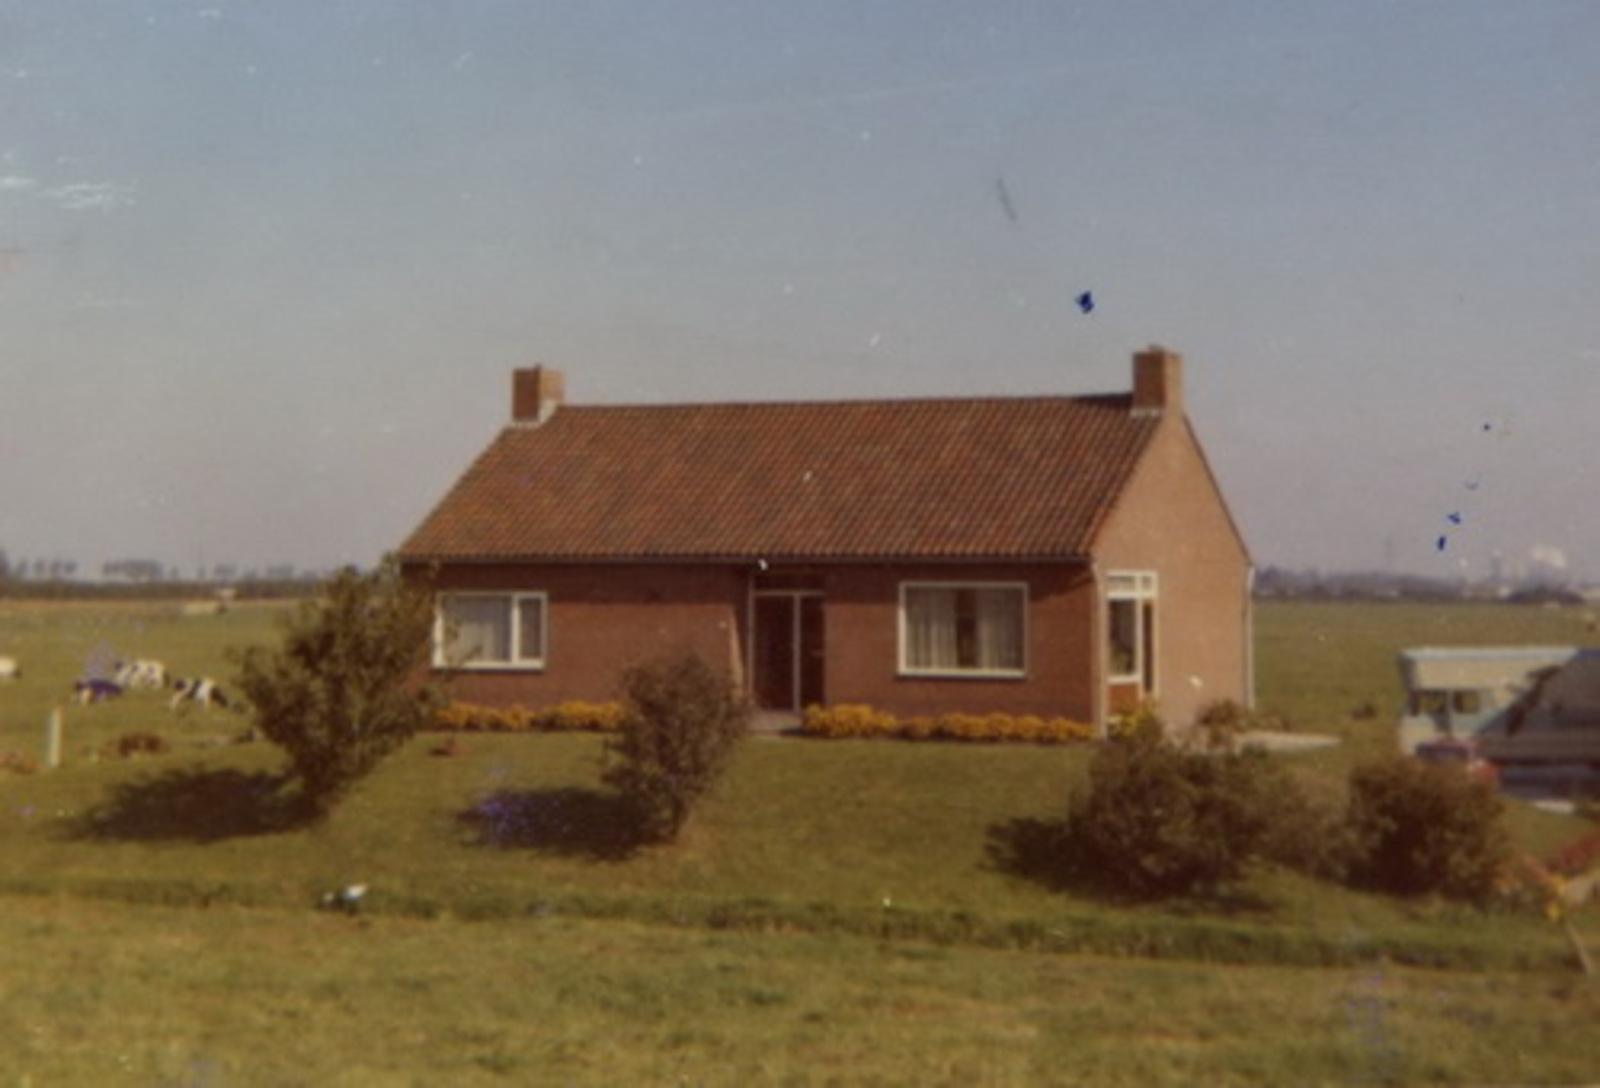 Vijfhuizerdijk 0125 1966+ Bungalow A Ooms 02